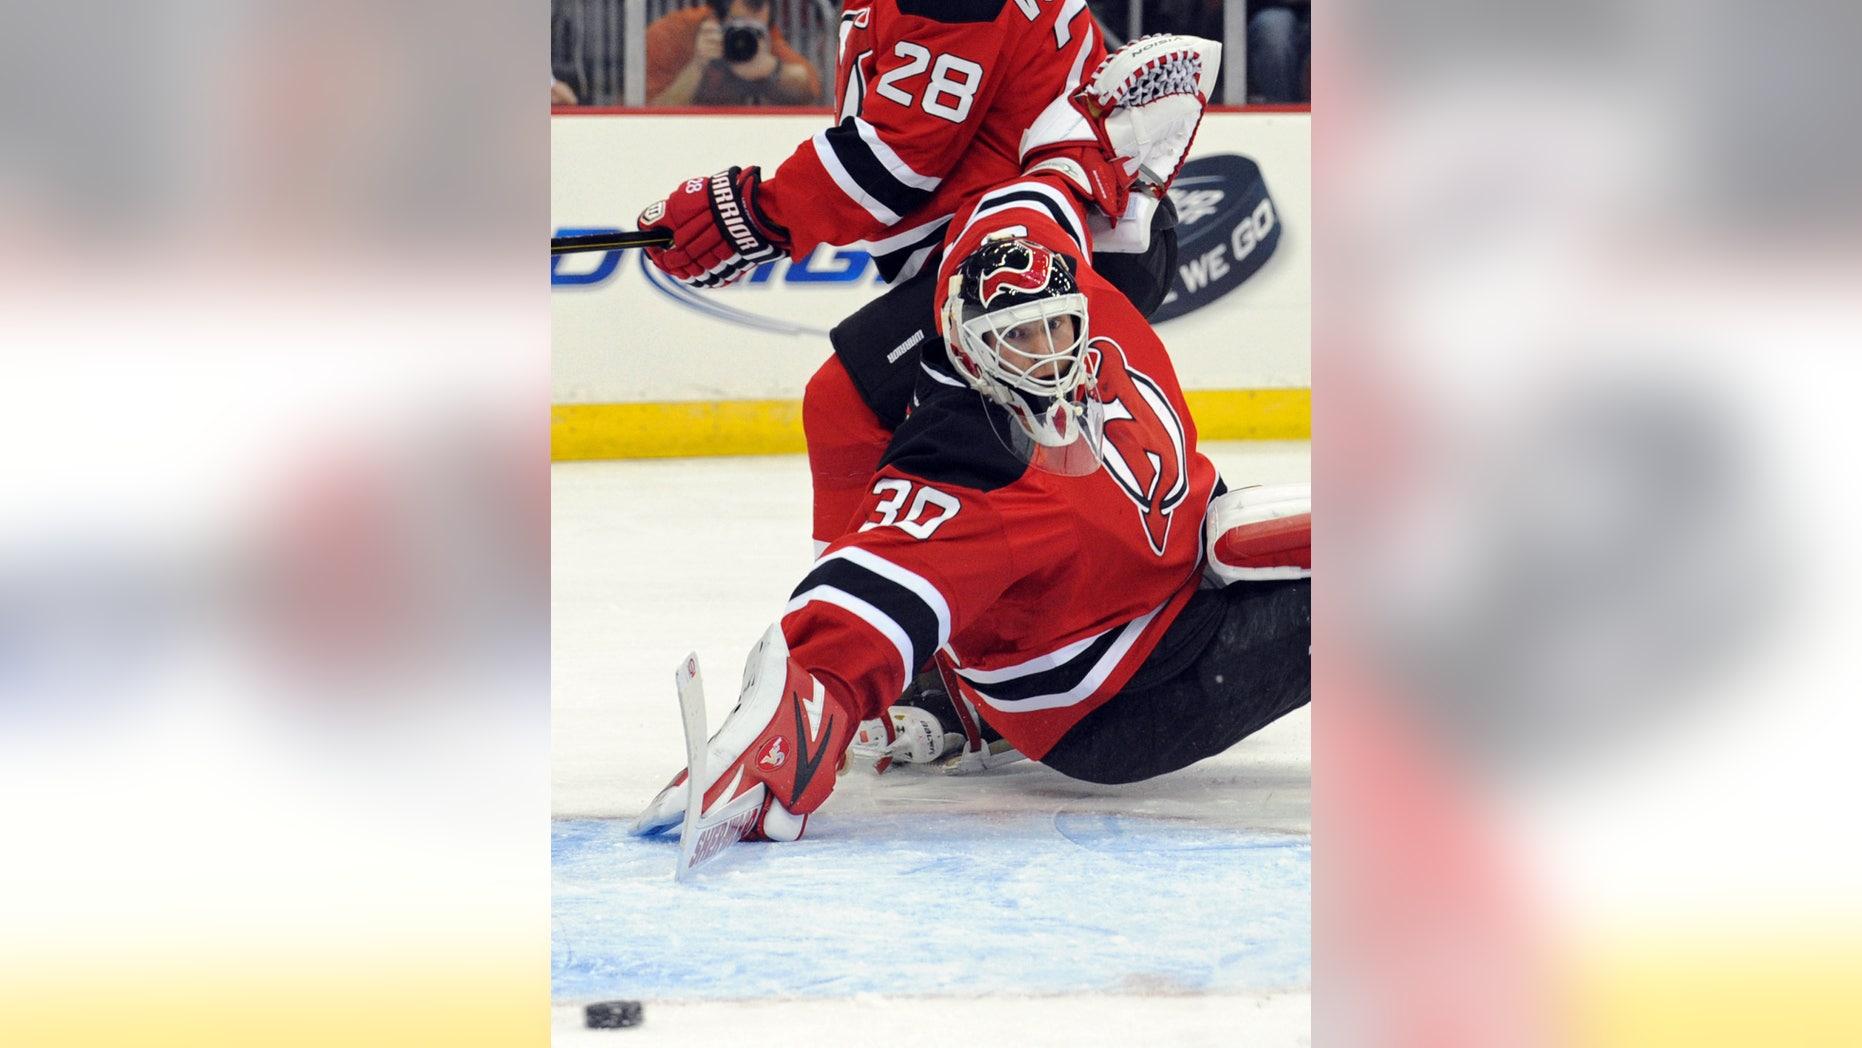 Goalie Martin Brodeur misses Devils' game against Jets, team